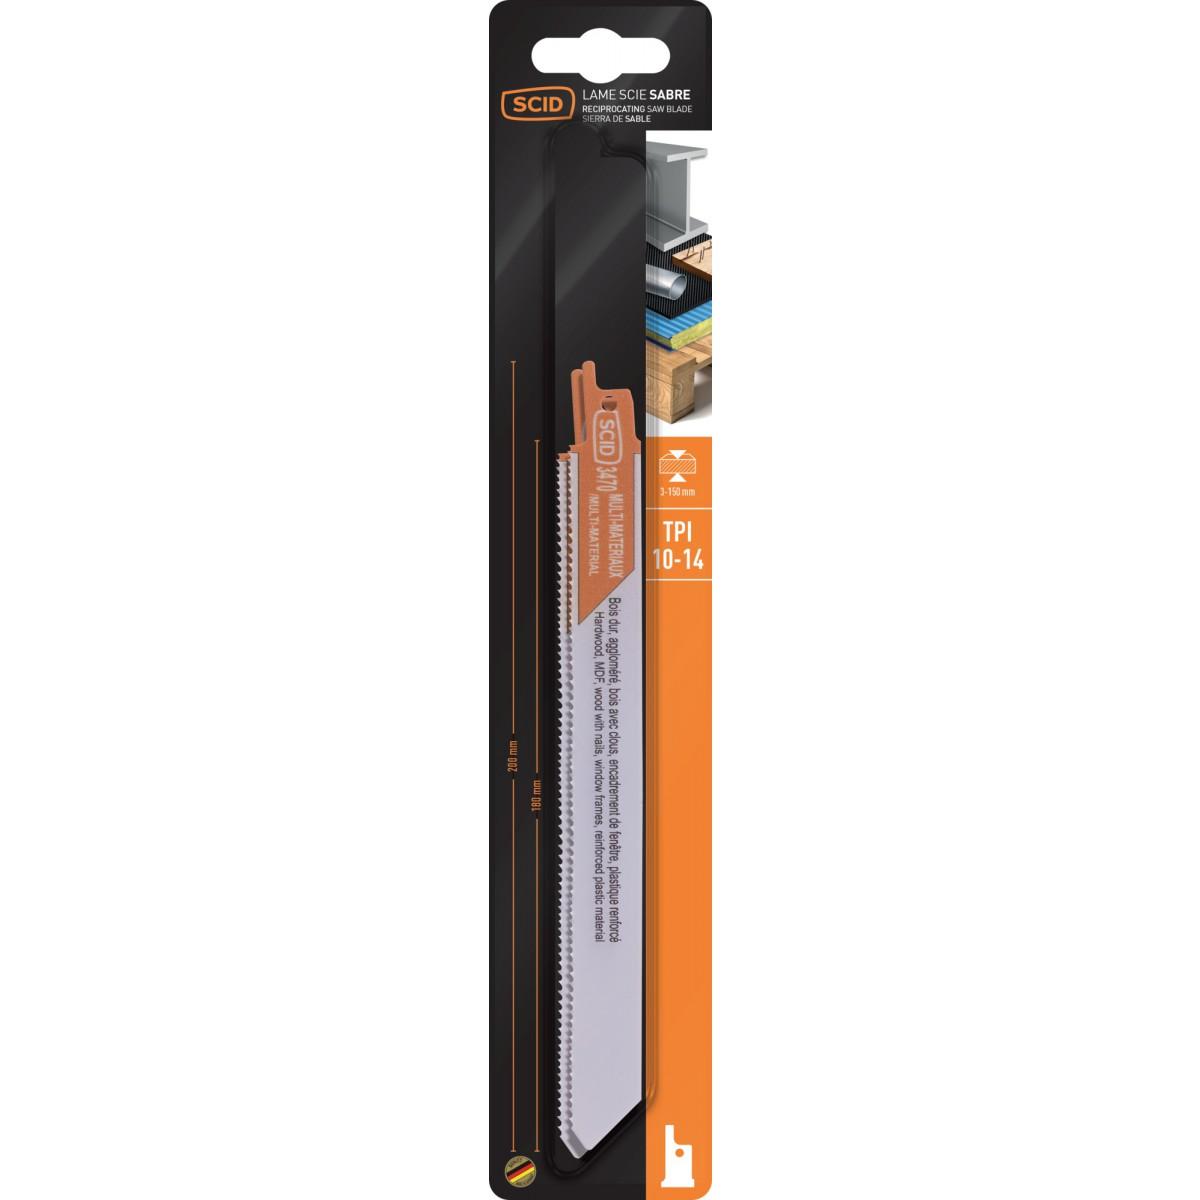 Lame de scie sabre classique bois et matériaux SCID - Epaisseur 0,9 mm - Longueur 200 mm - Vendu par 2